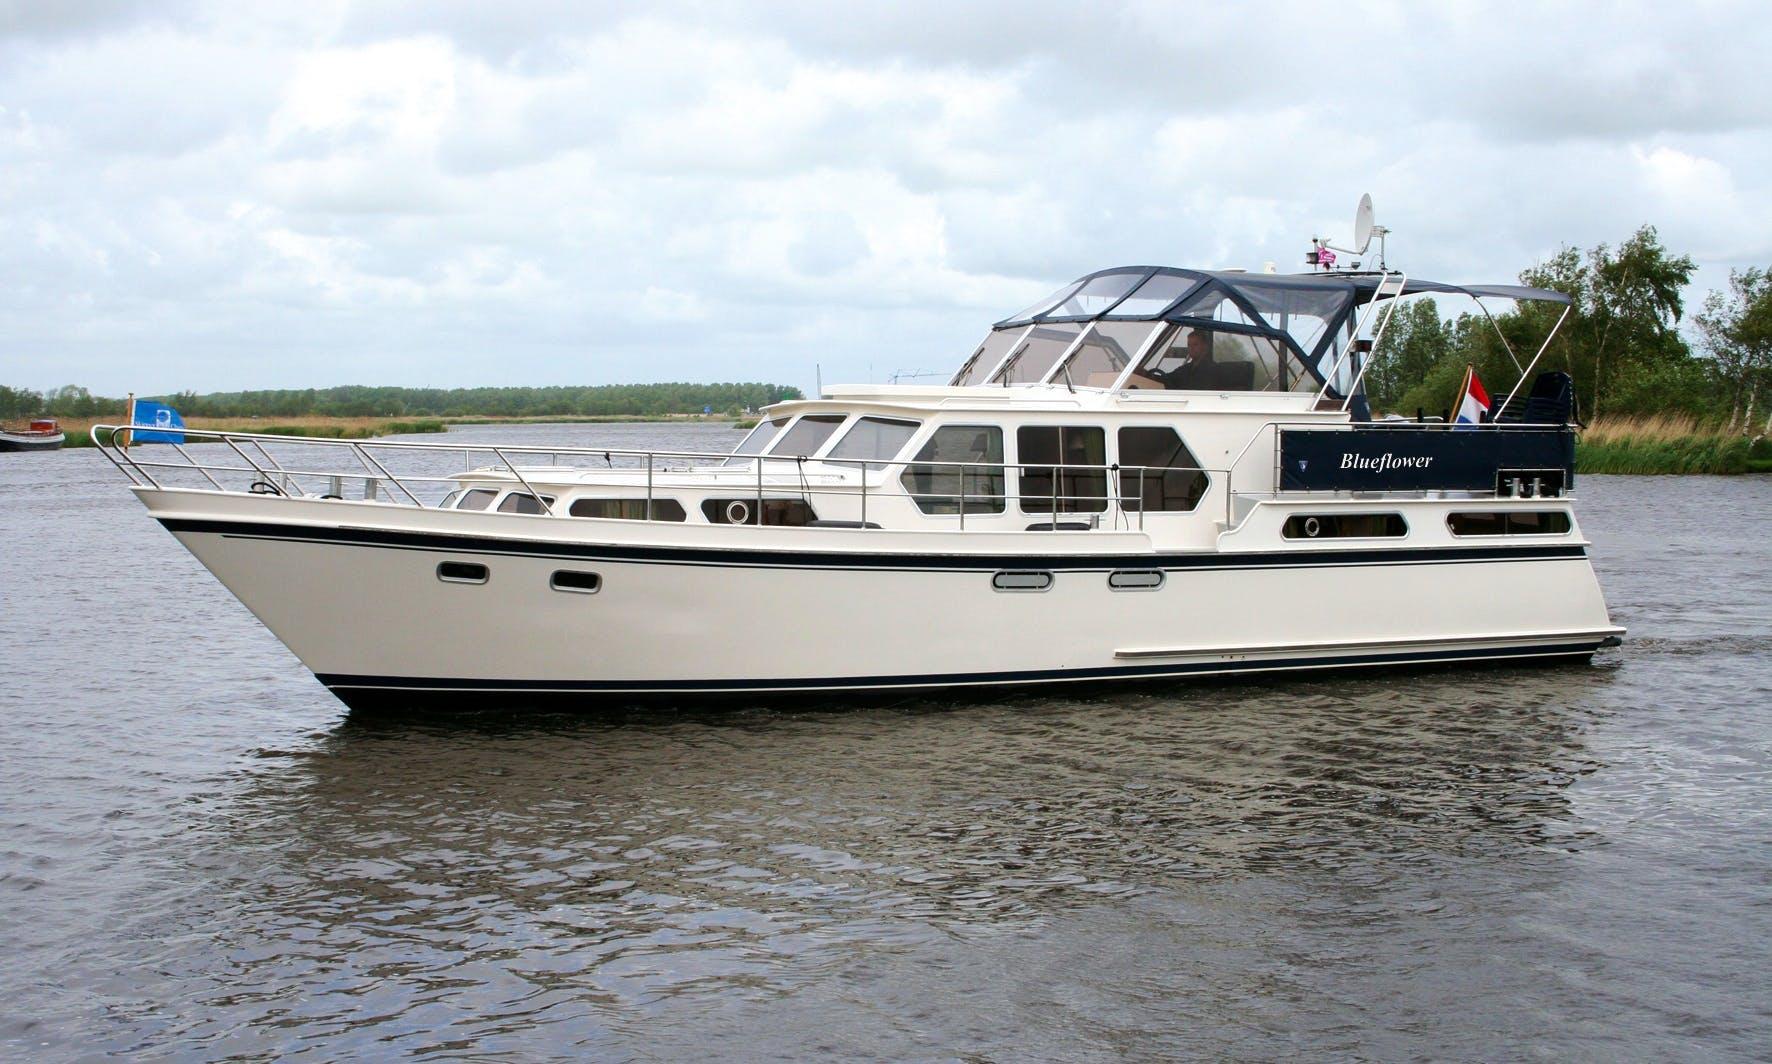 44' Valkkruiser 1350 Motor Yacht Charter in Drachten, Netherlands